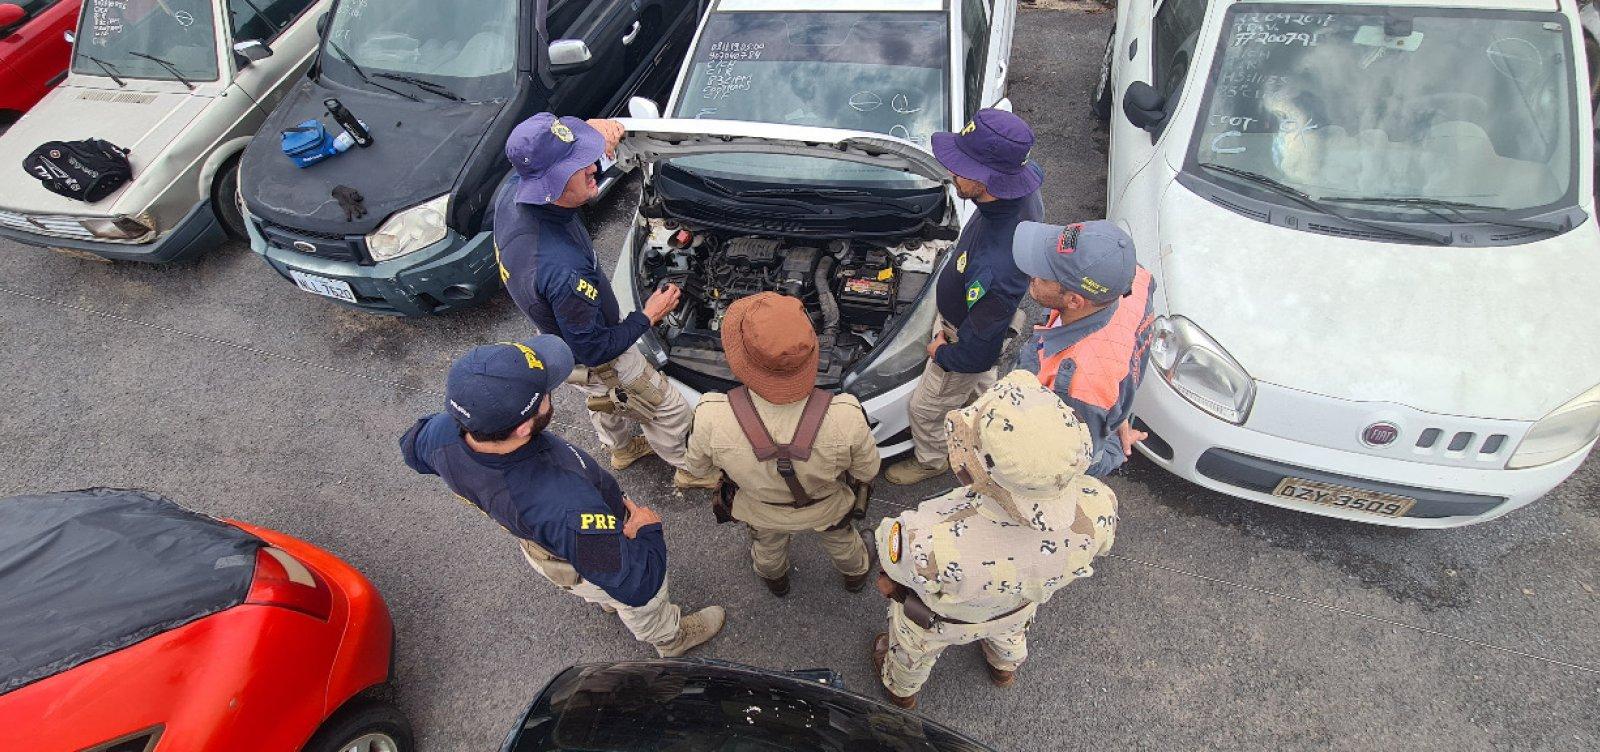 PRF prende 13 suspeitos de roubo, furto e adulteração de veículos em Barreiras